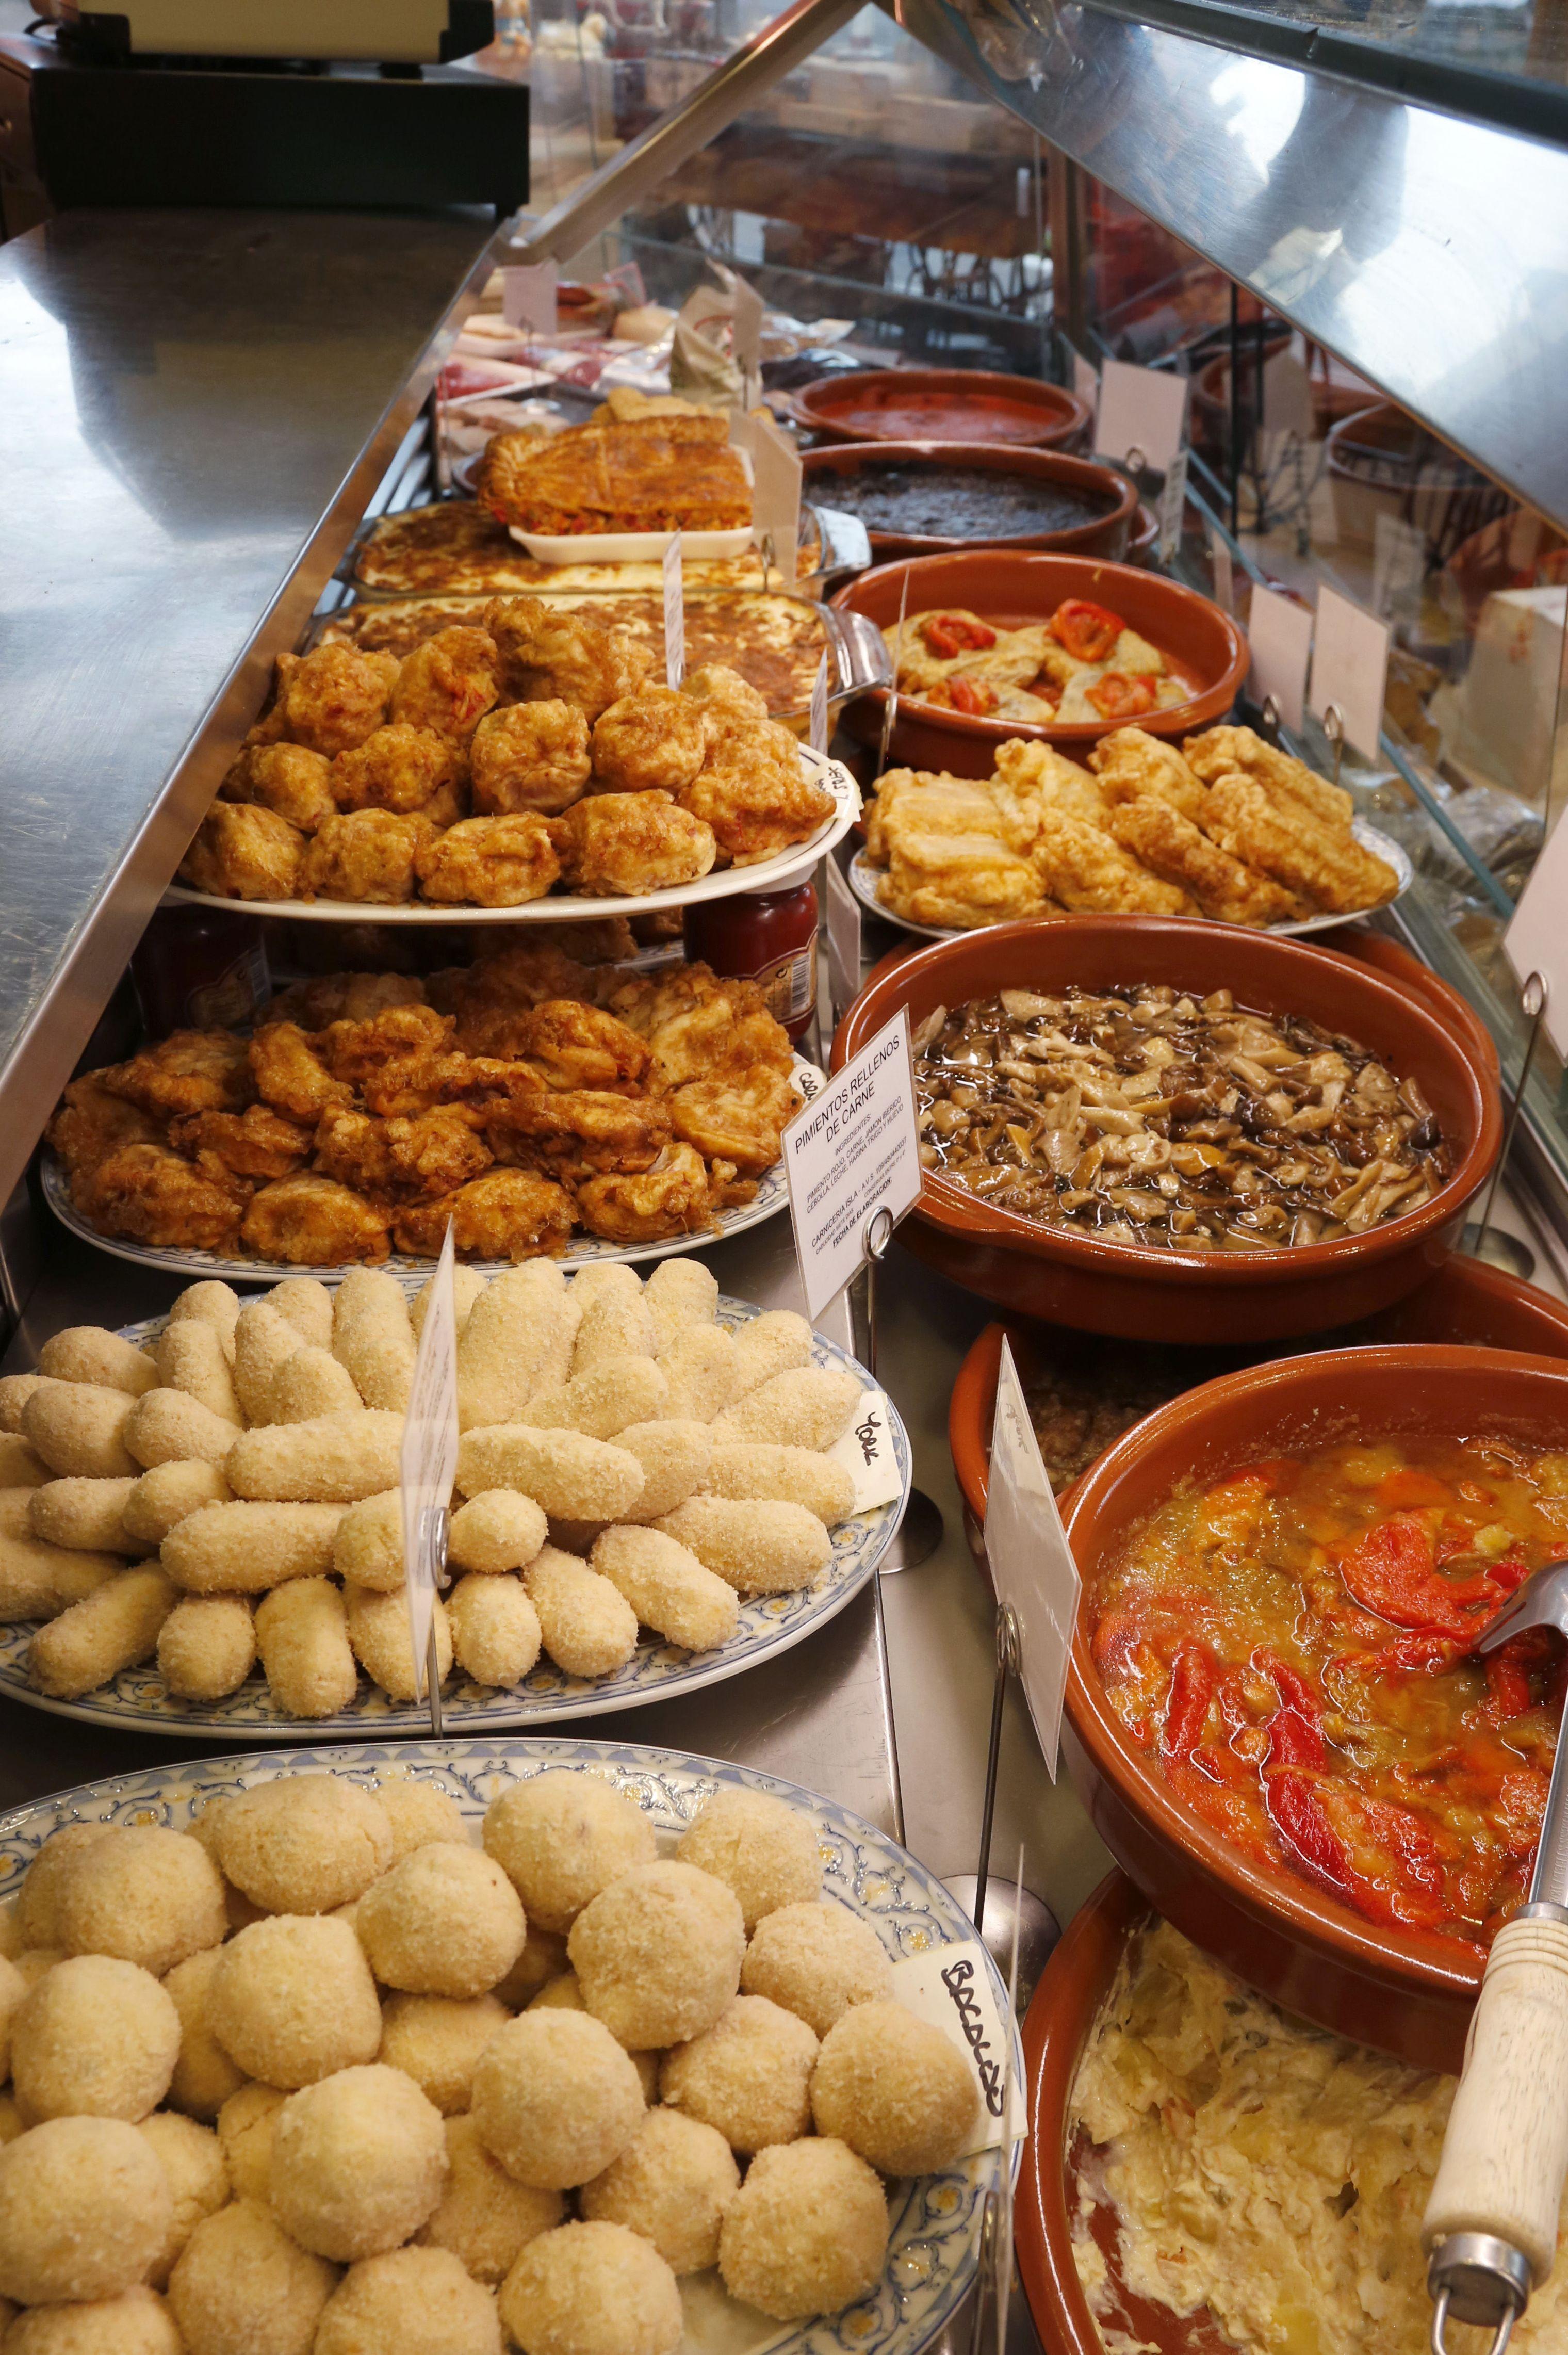 Comida preparada en Urdúliz